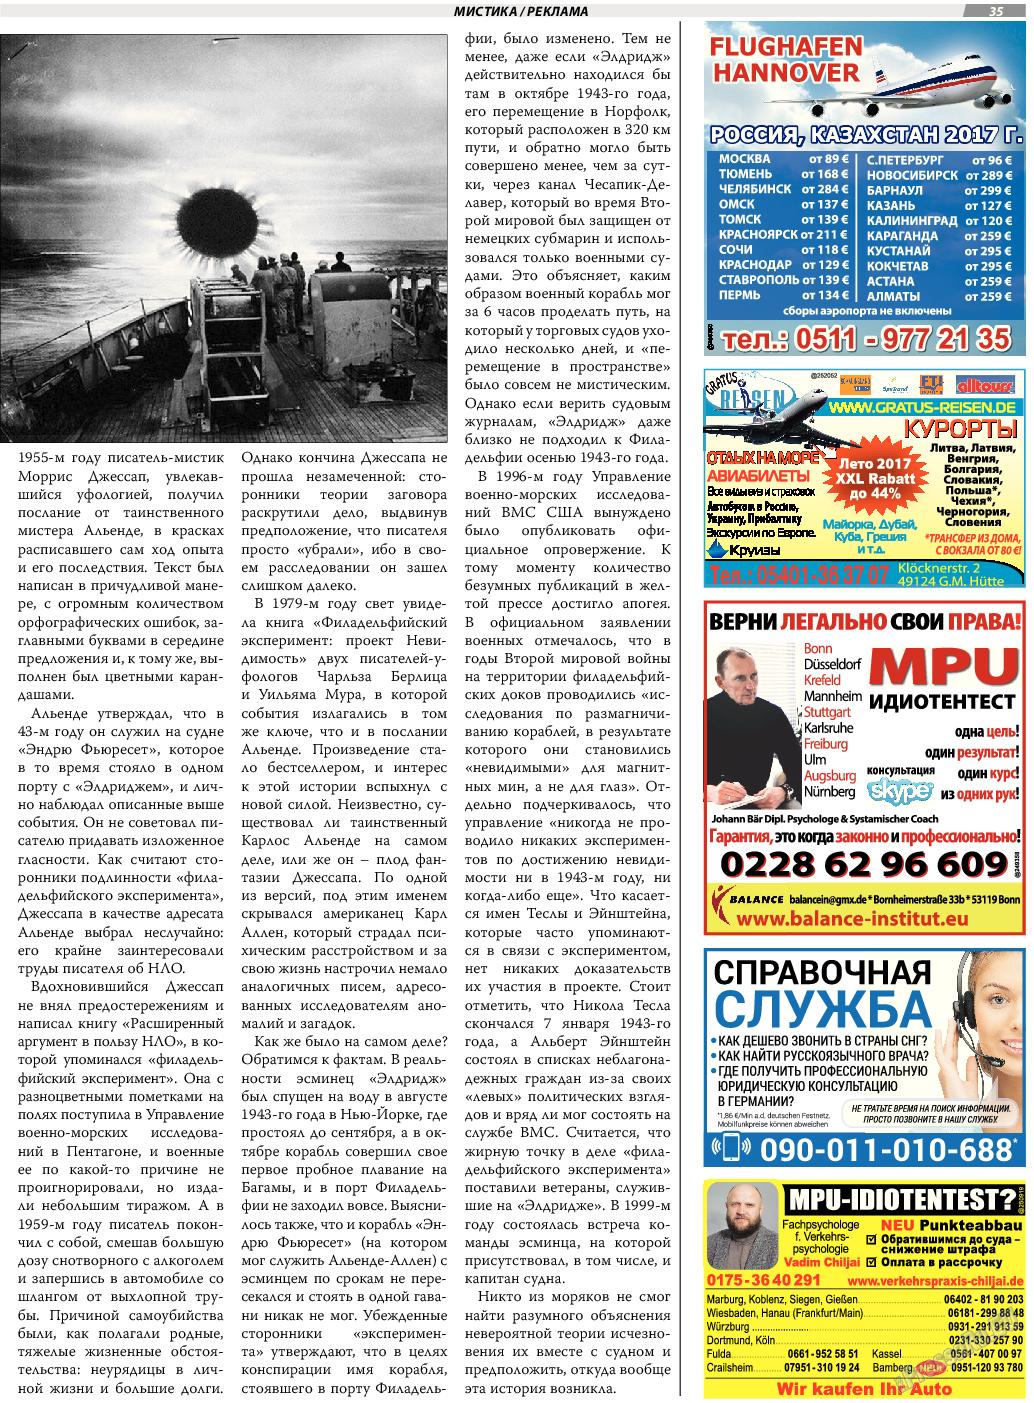 TVrus (газета). 2017 год, номер 18, стр. 35